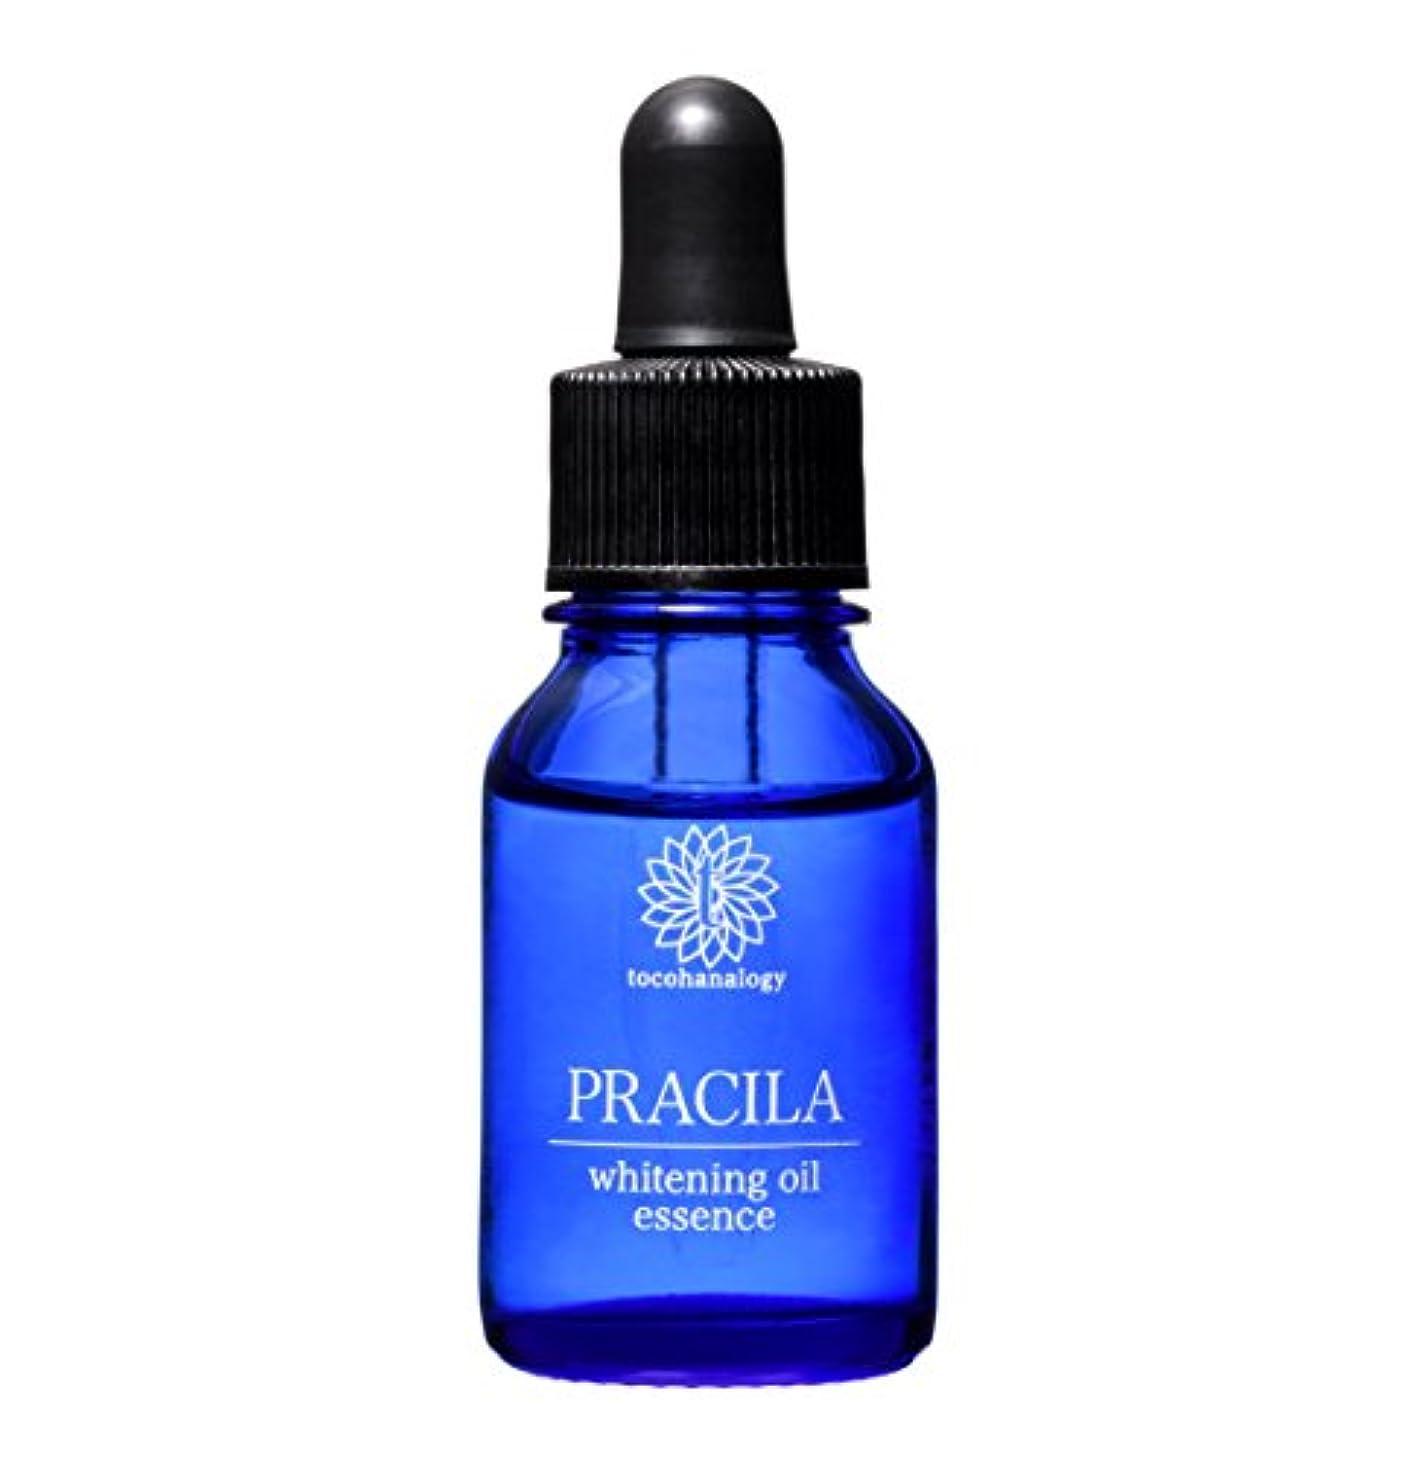 トコハナロジー プラシラ 薬用美白オイル シミ そばかす 肌荒れ 対策 プラセンタ配合 (医薬部外品)